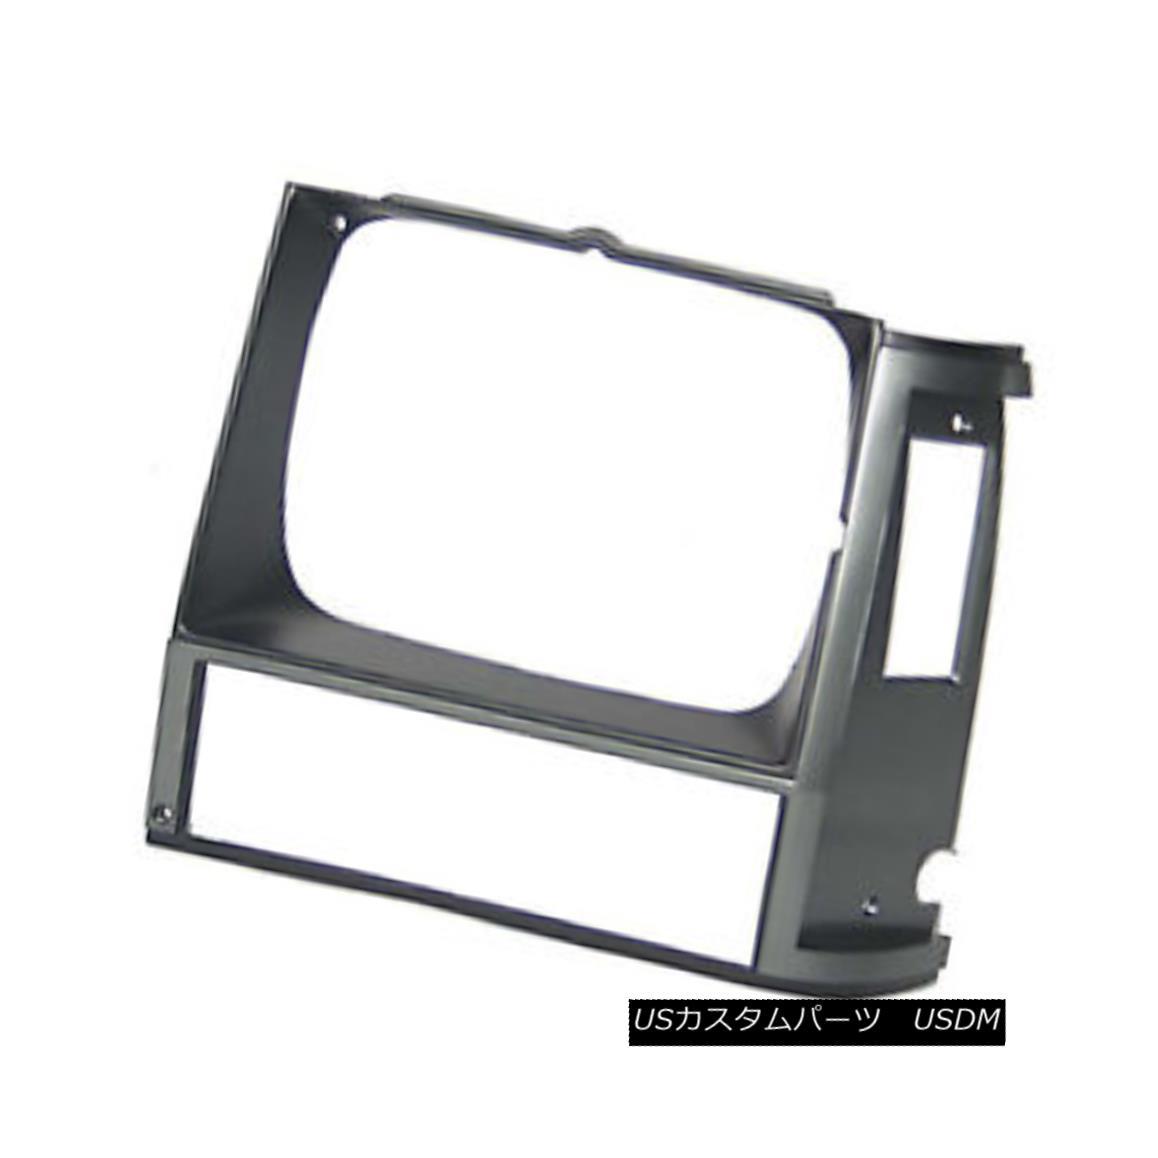 グリル Replacement Headlight Door Silver & Black Driver Side for Single Lamp 630-00136B 交換ヘッドライトドアシルバー& シングルランプ630-00136B用の黒色ドライバ側